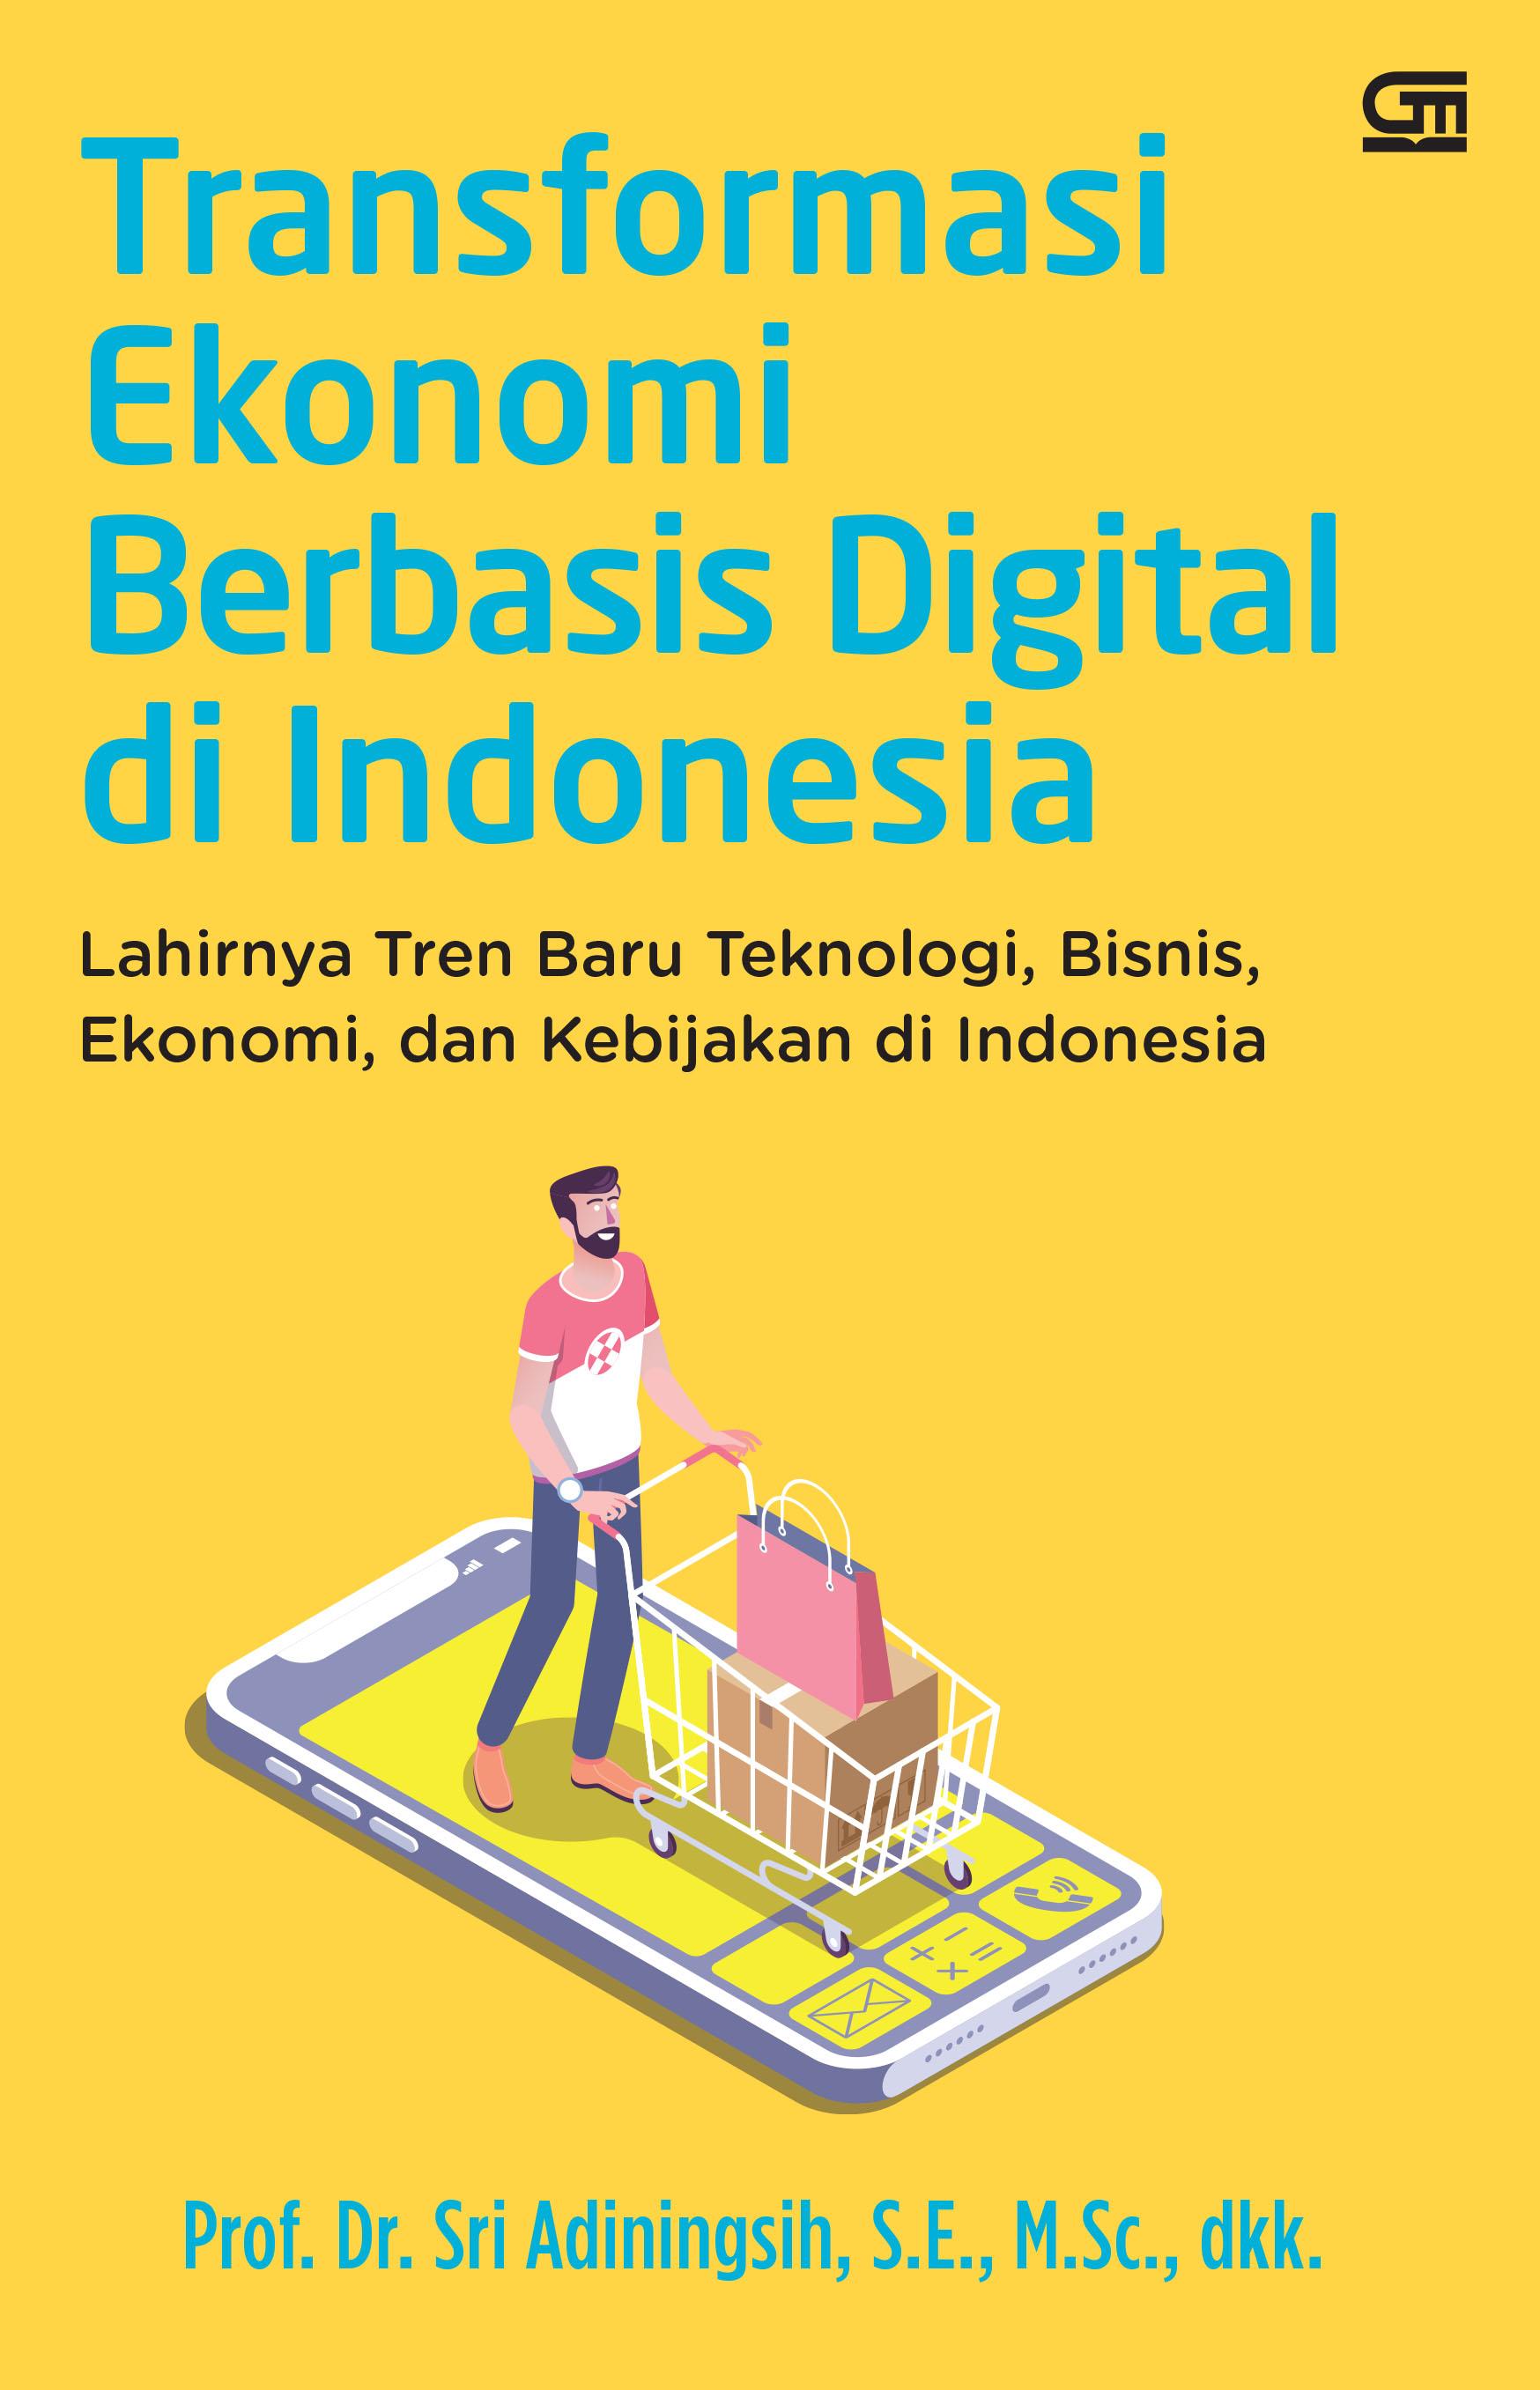 Transformasi Ekonomi Berbasis Digital di Indonesia